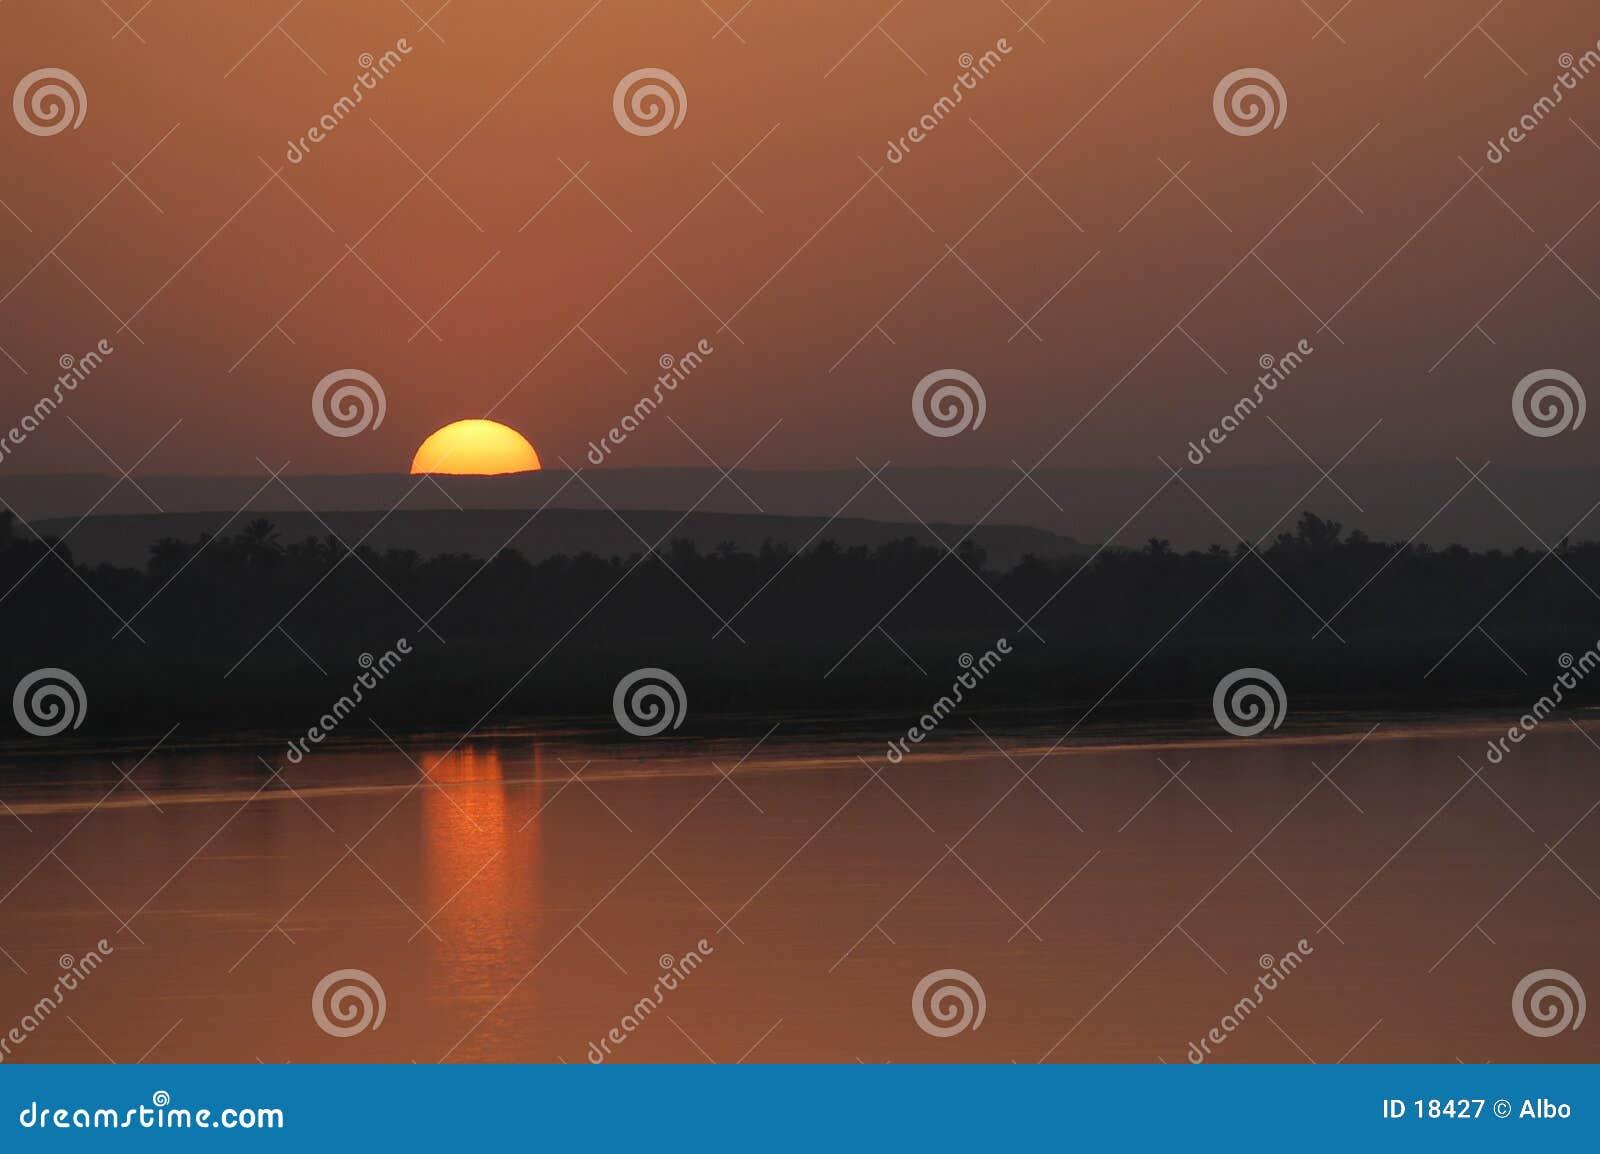 Koniec słońca